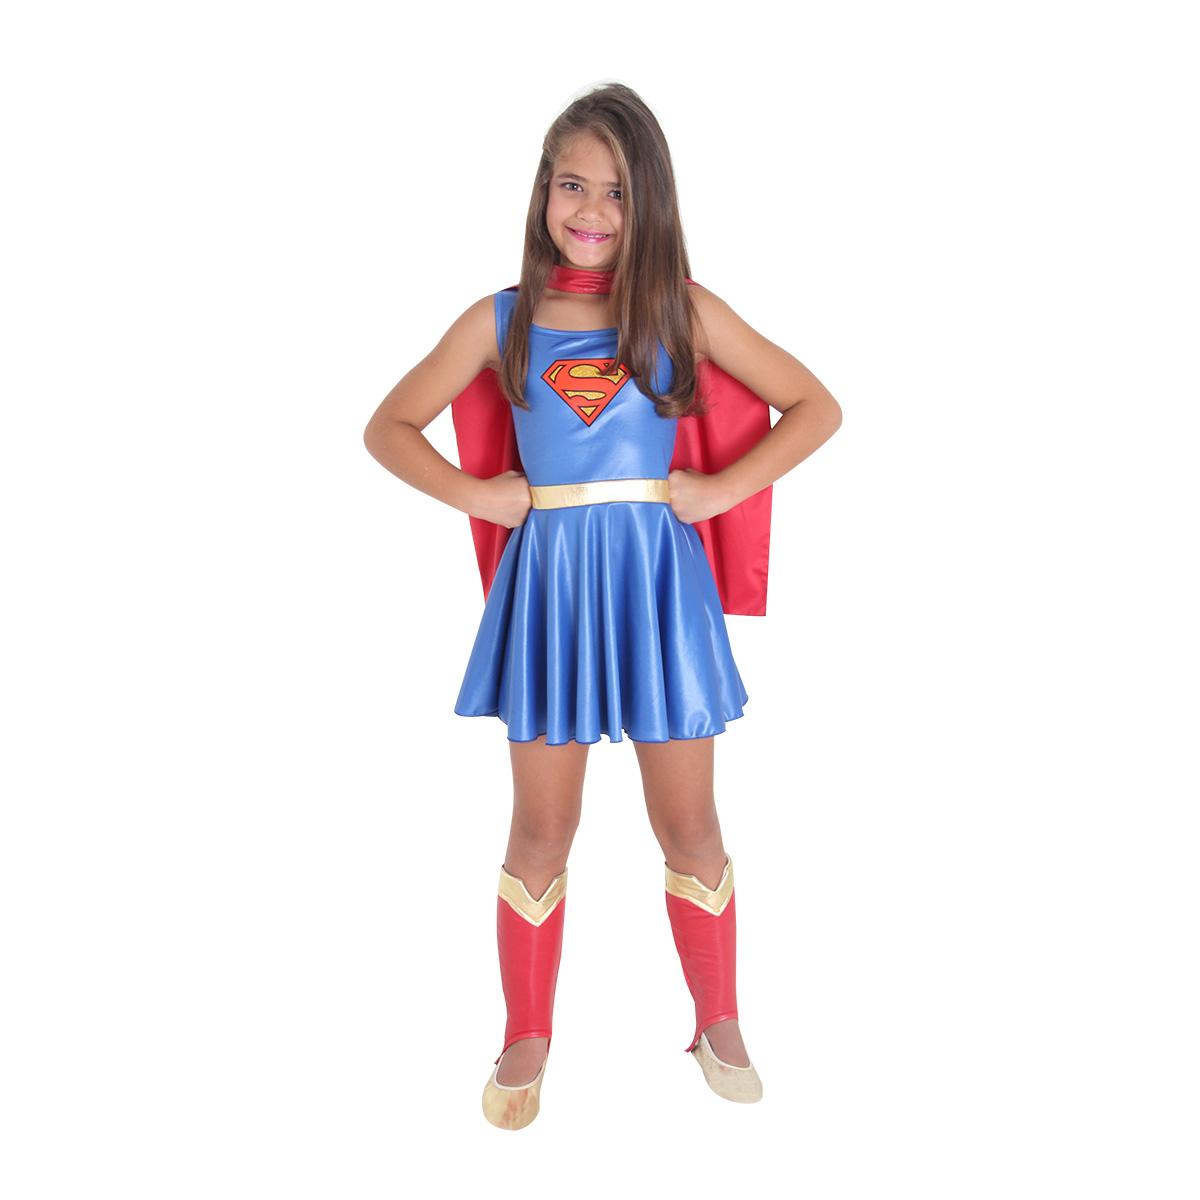 Fantasia Super Mulher Infantil